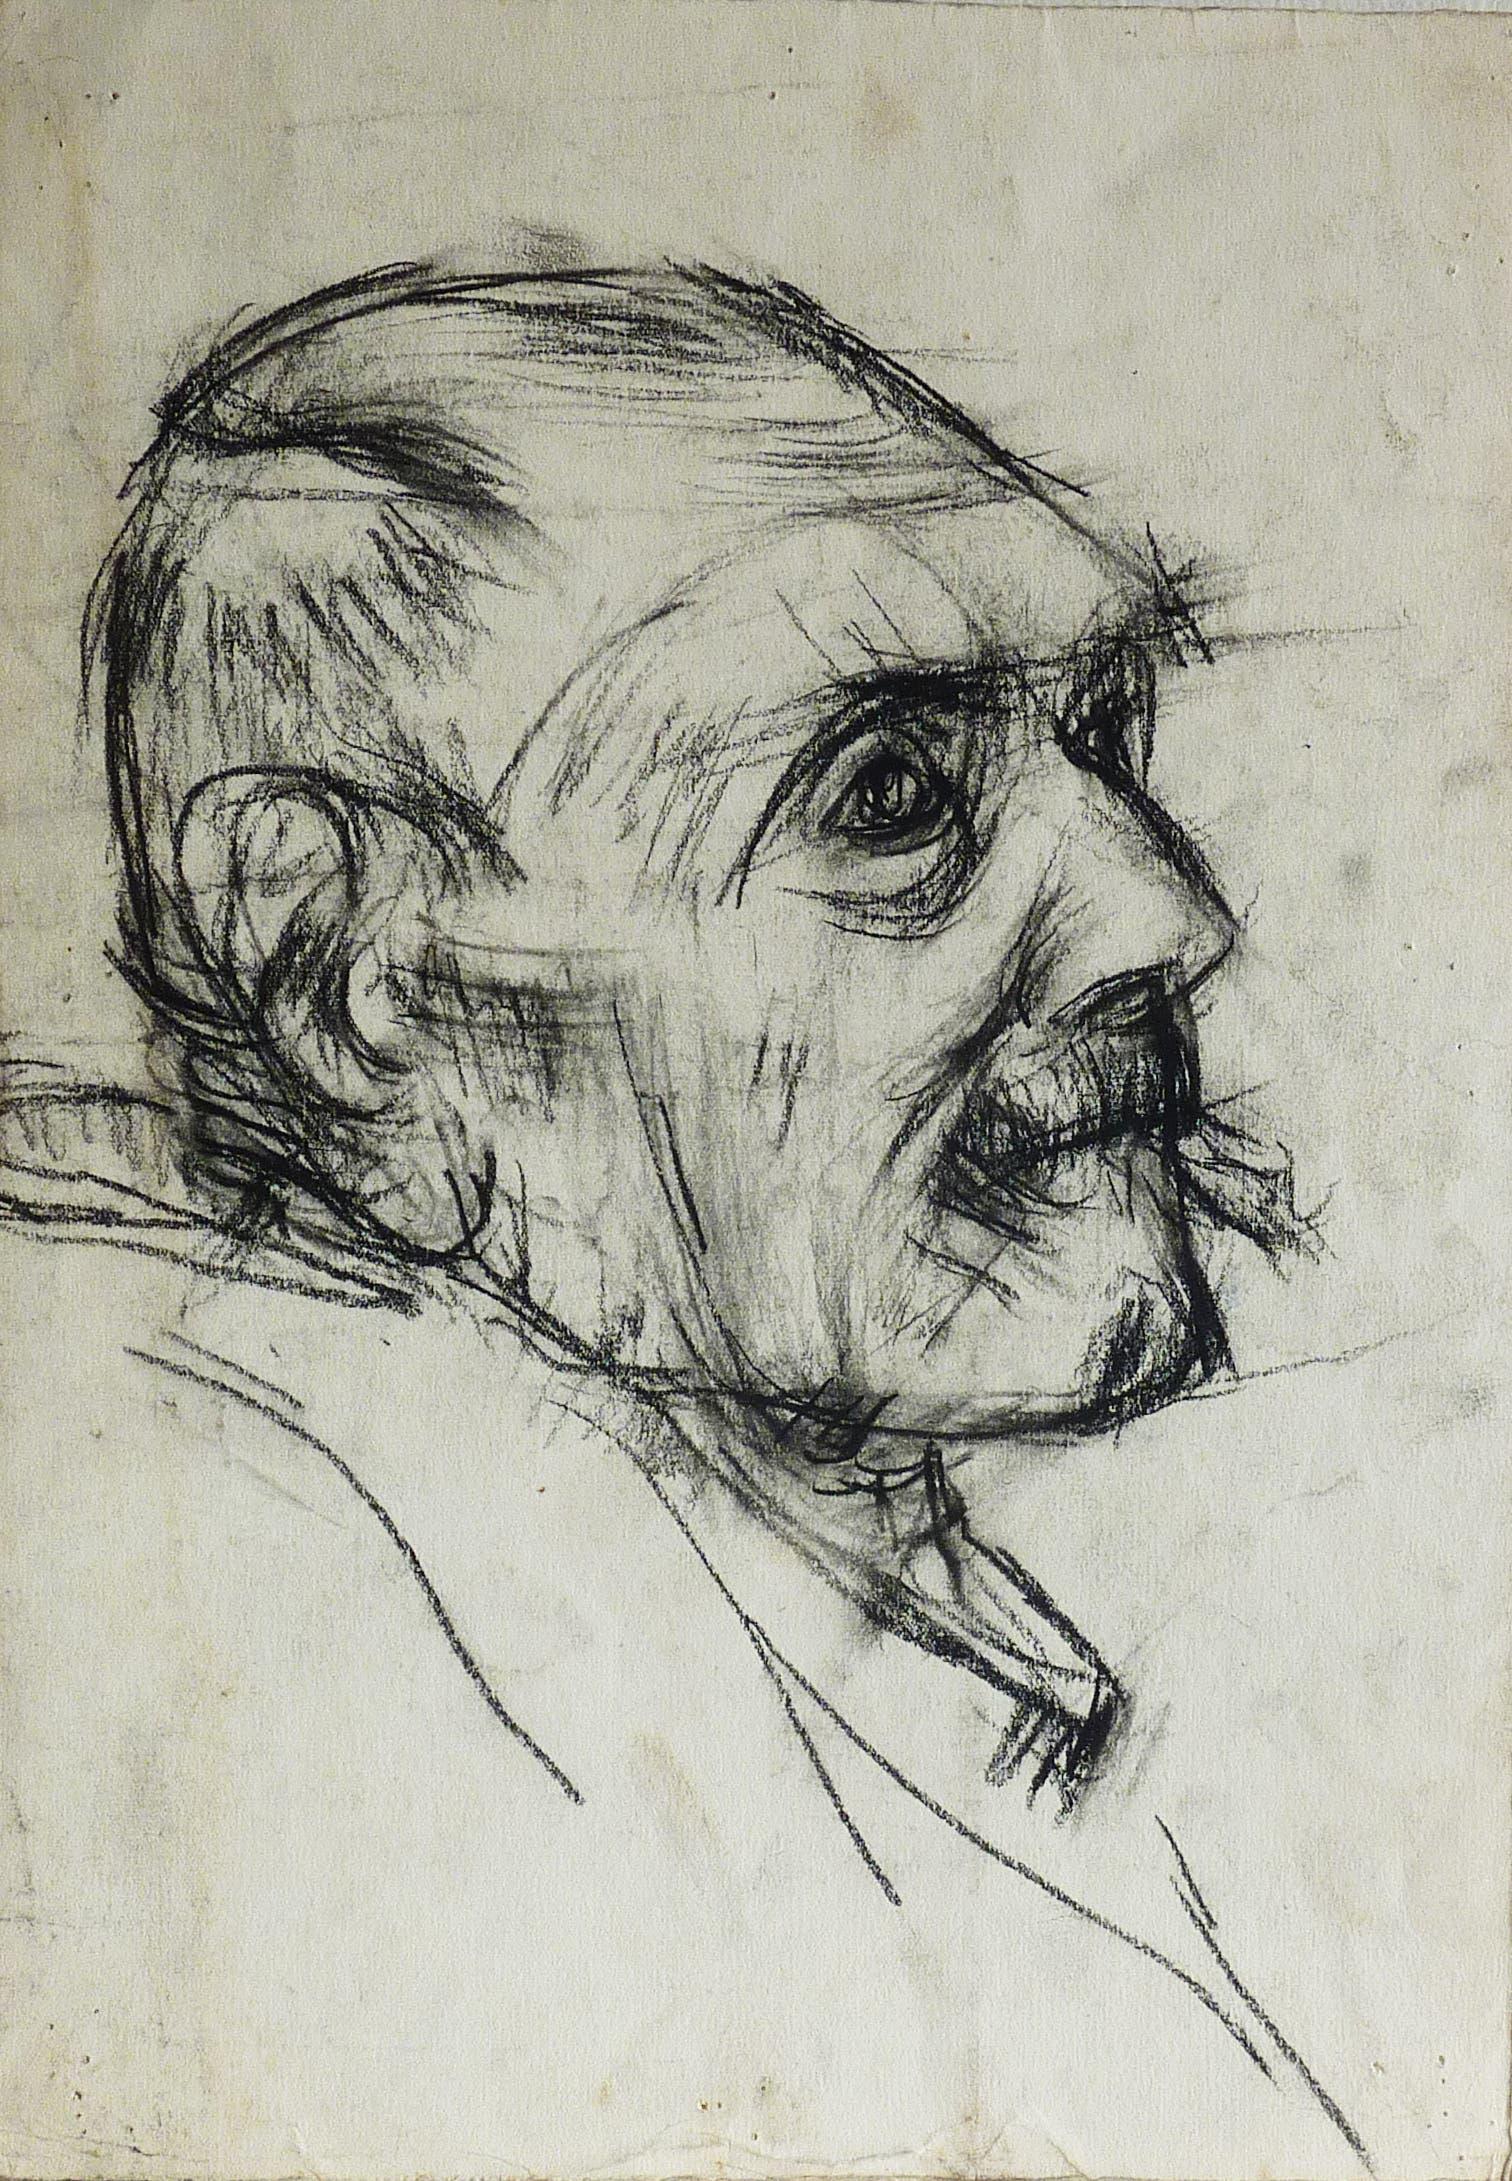 Porträt des Vaters. Kohle auf Papier. (Bilder: pd)